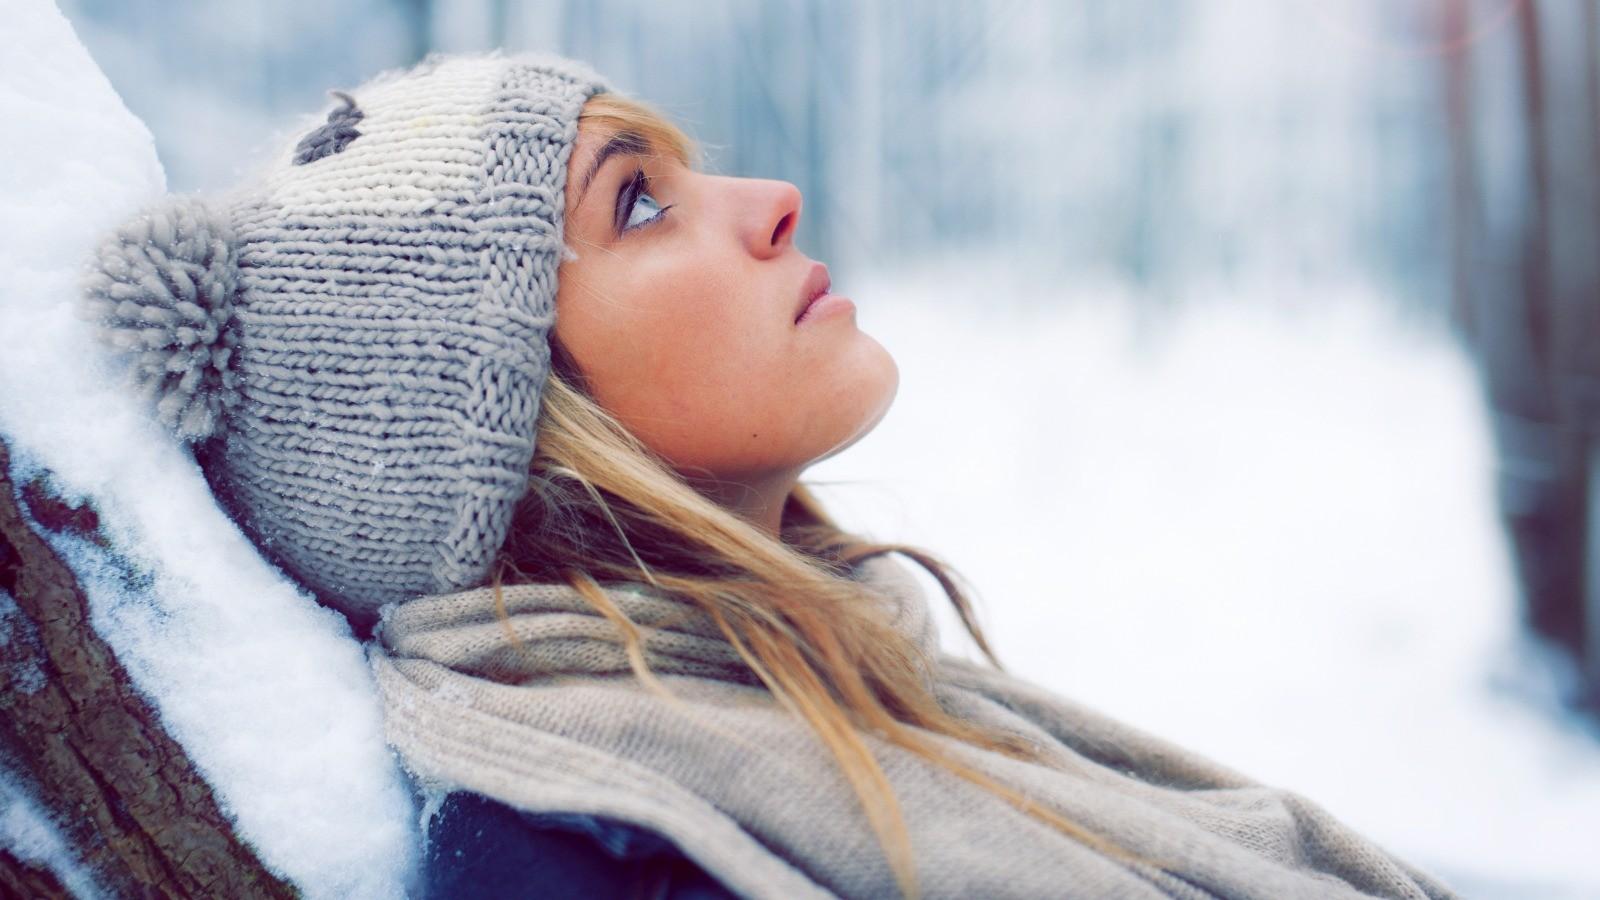 [ӨГЛӨӨГ ӨӨРТӨӨ] Хүйтний улиралд нүд хуурайшихыг хэрхэн эмчлэх вэ?